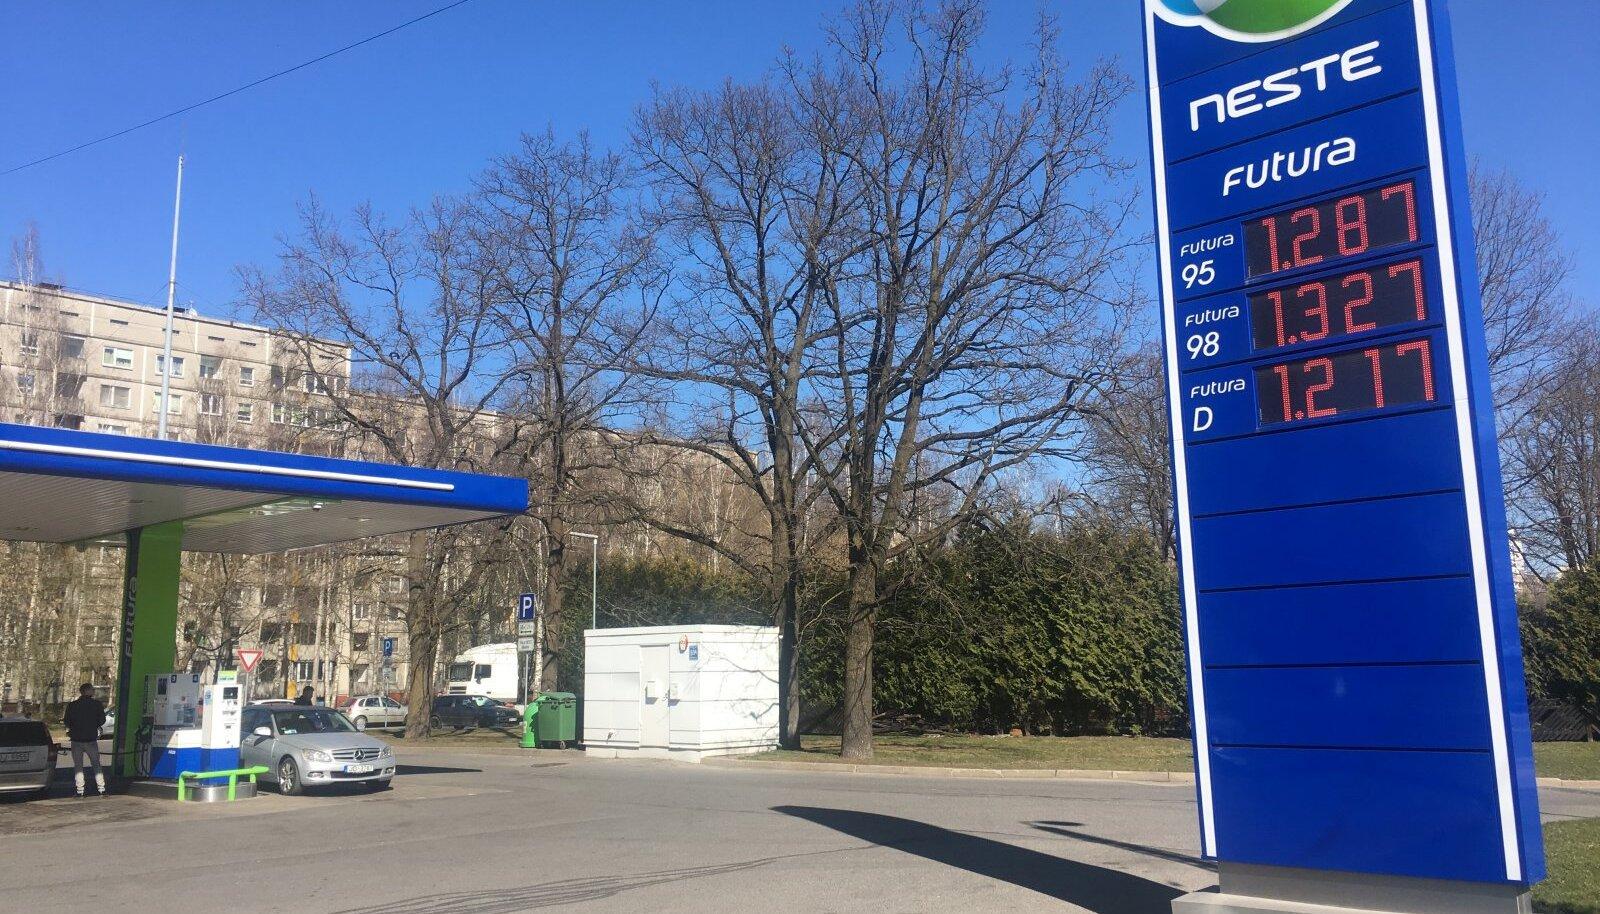 Kütusehinnad Riias 16.04